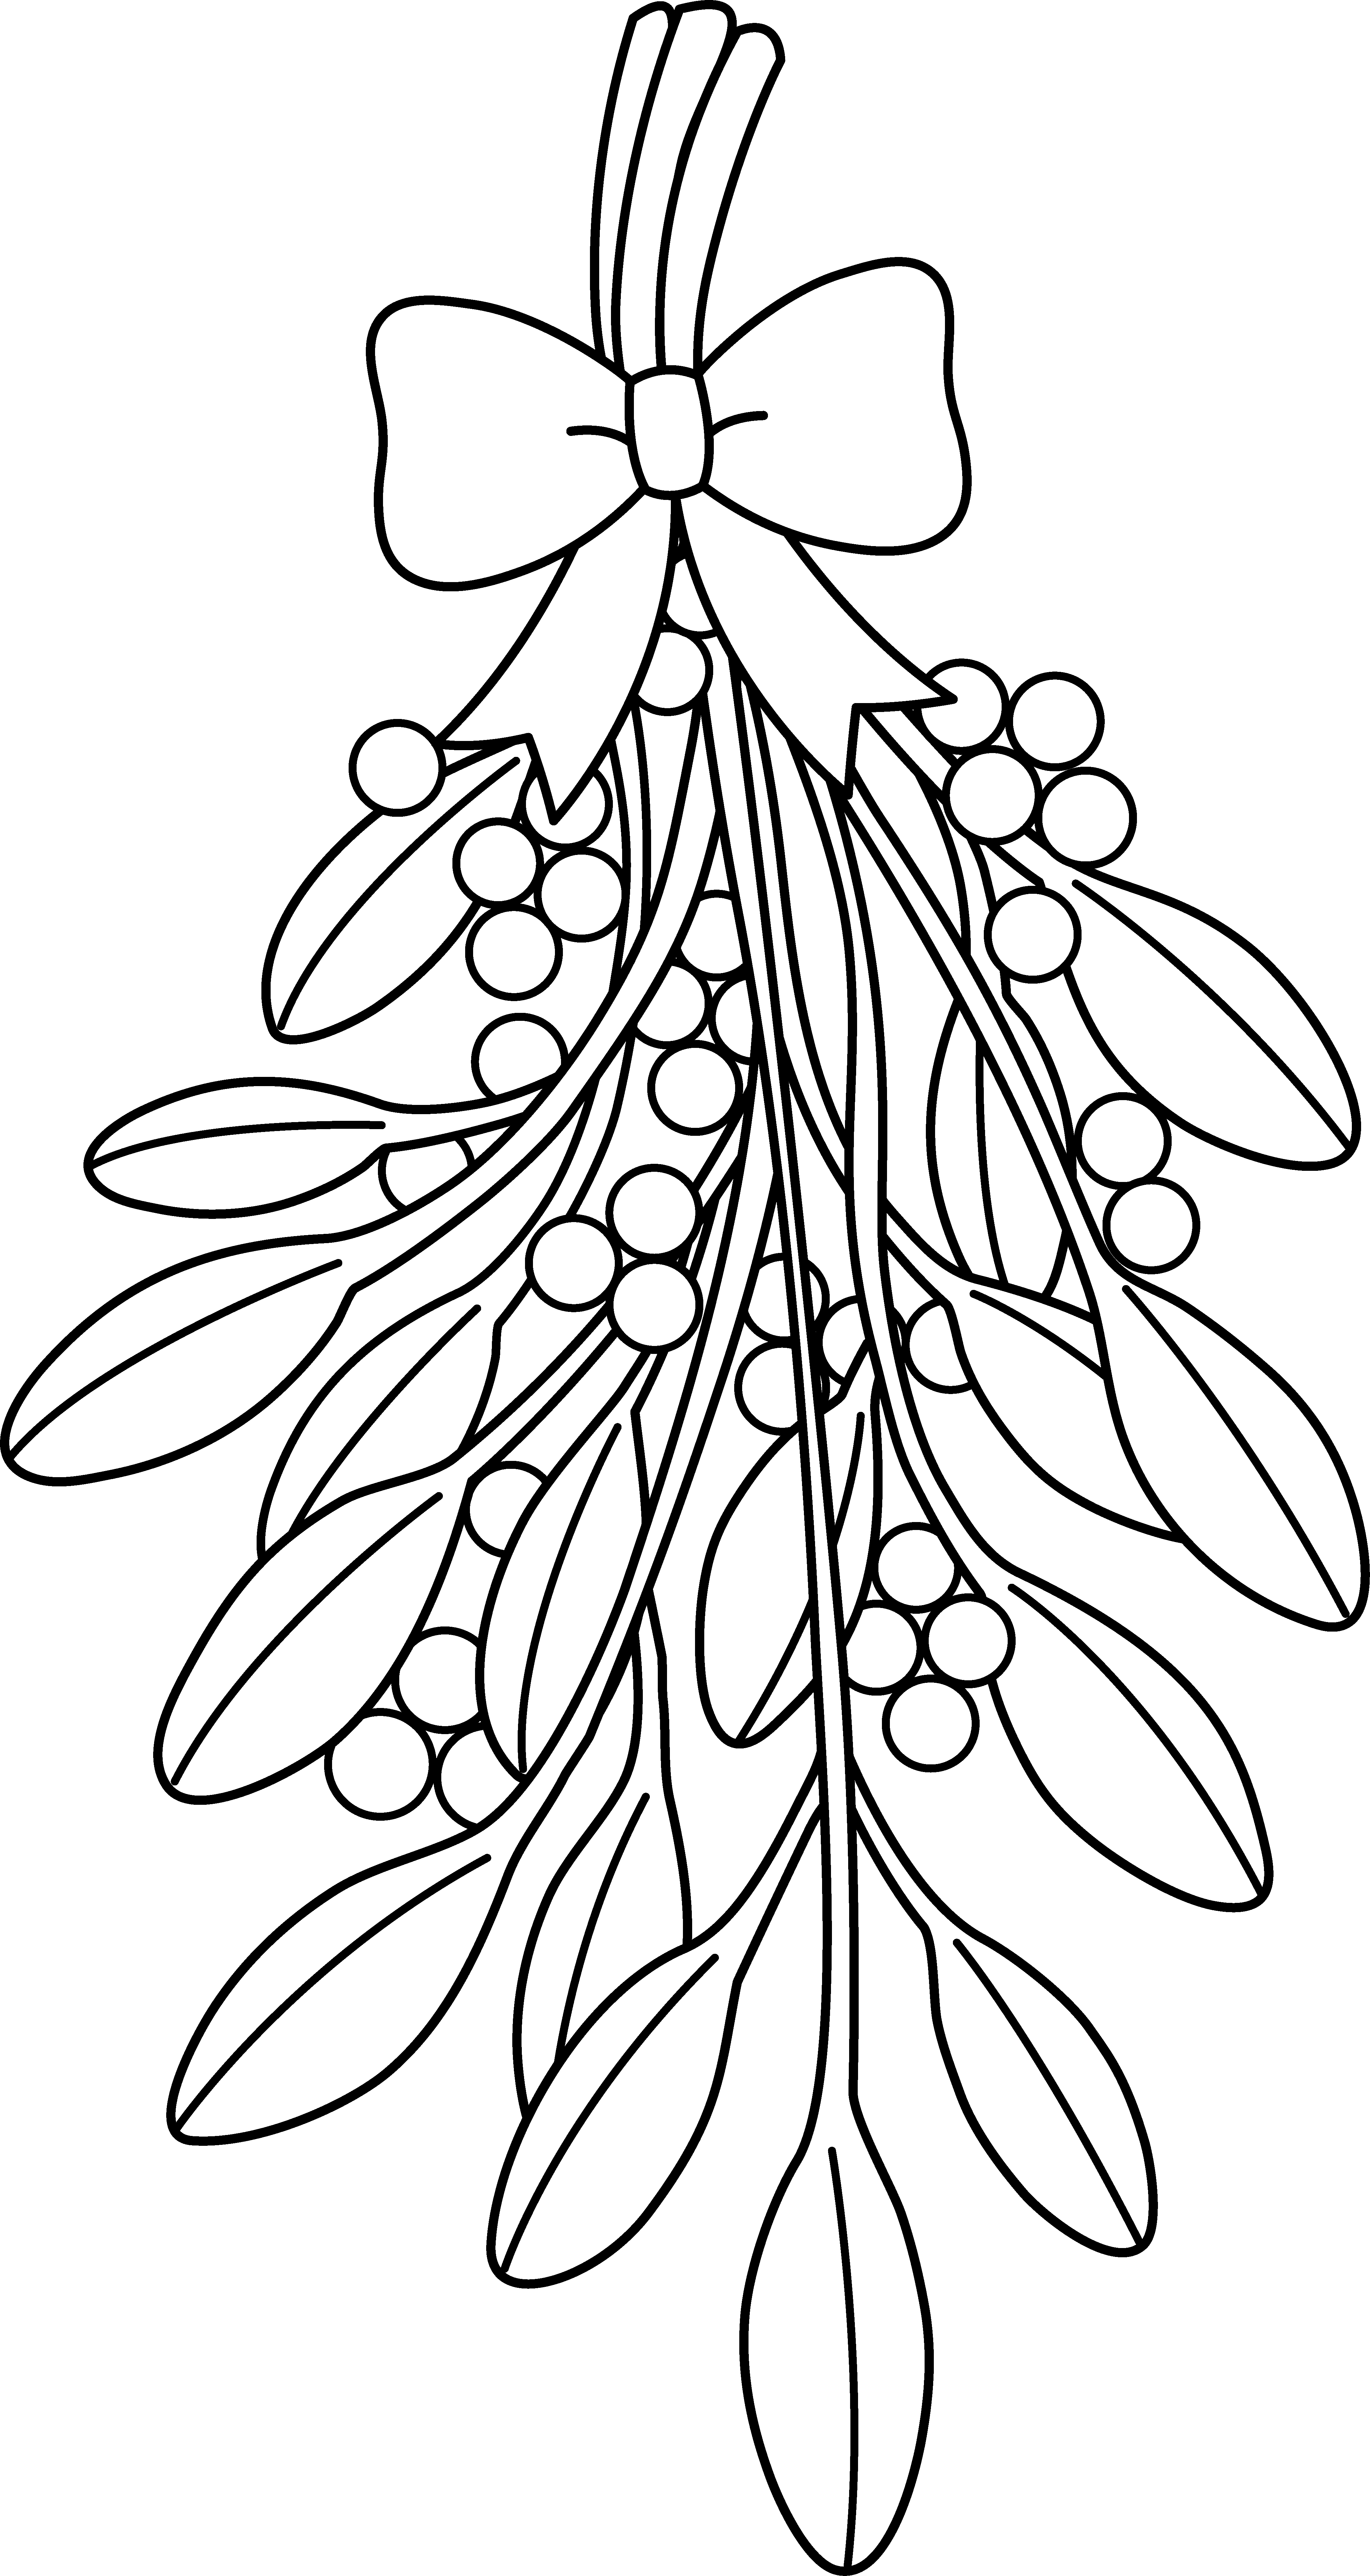 Mistletoe Clipart Black And White.